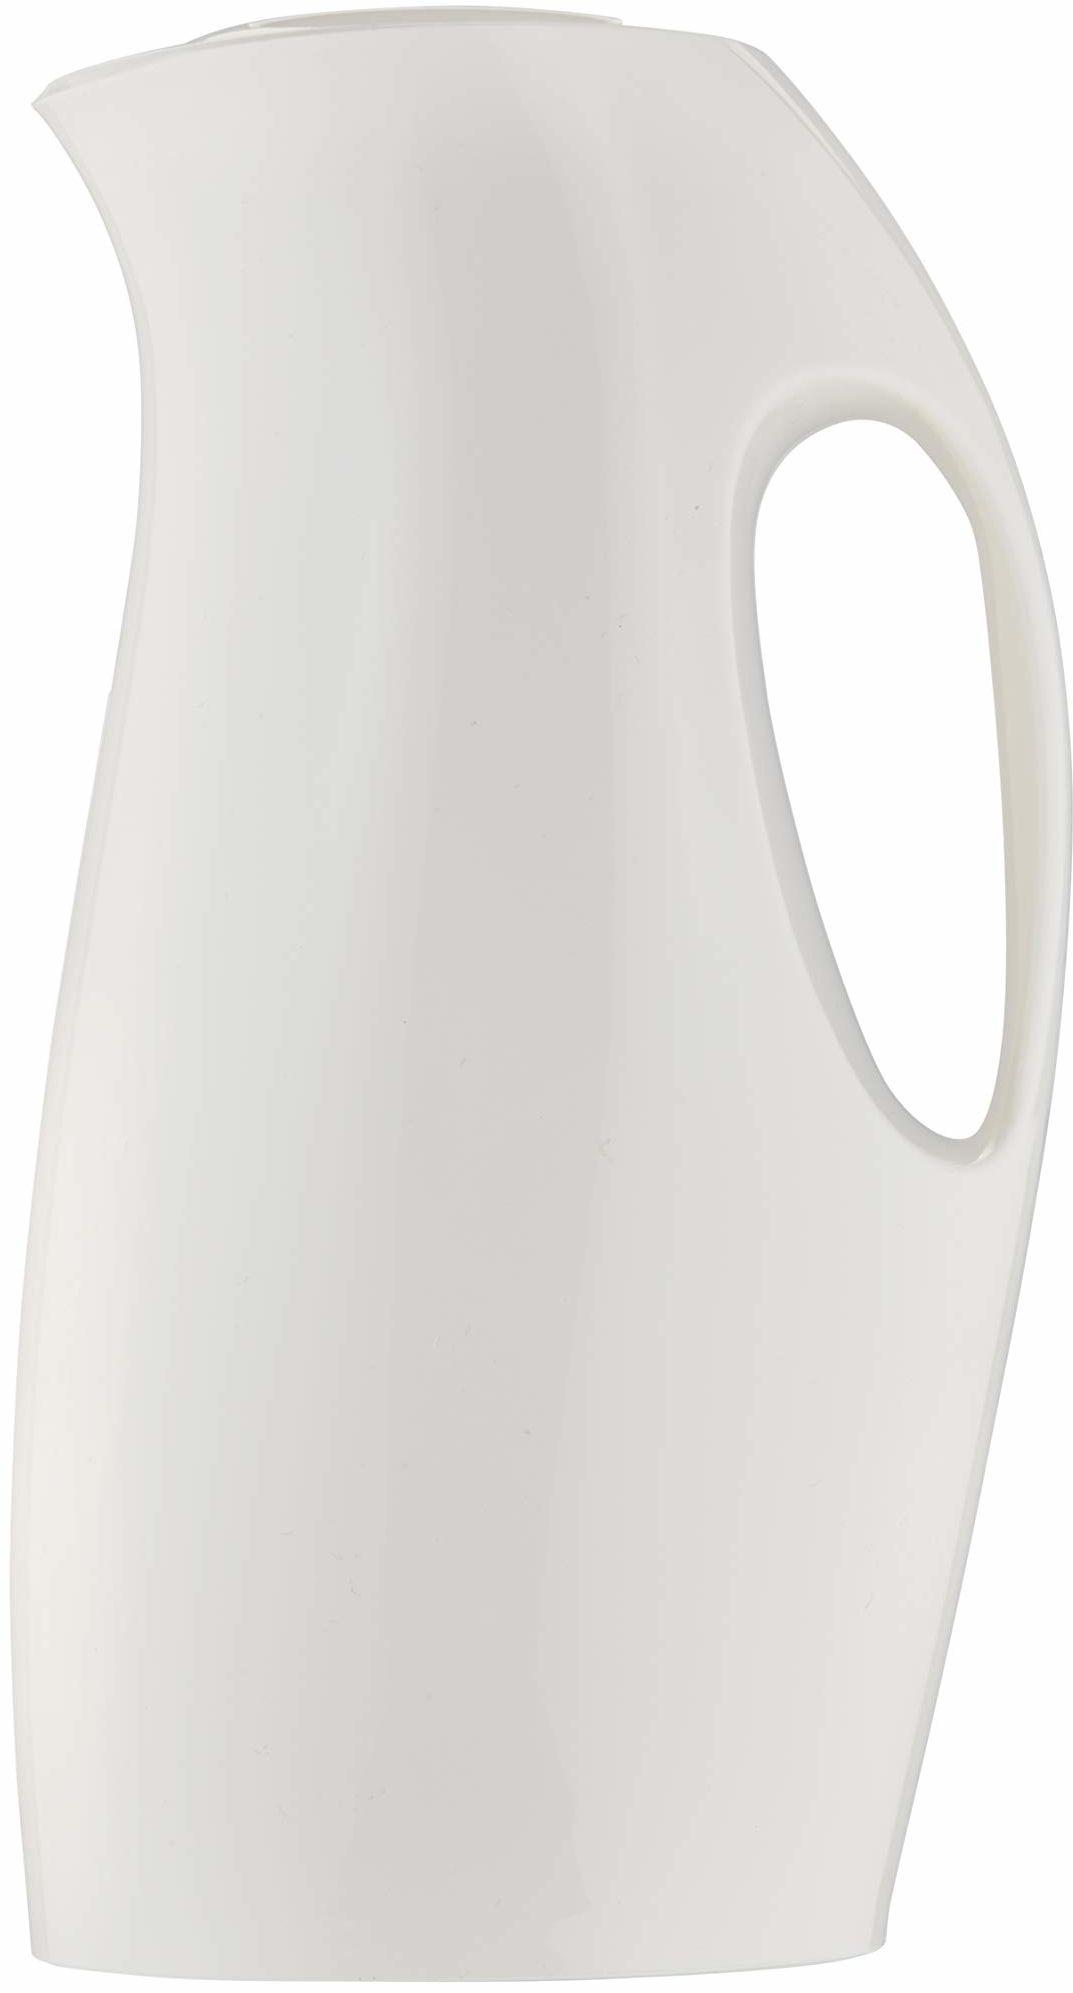 Helios Ciento termos z tworzywa sztucznego, biały, 0,9 litra